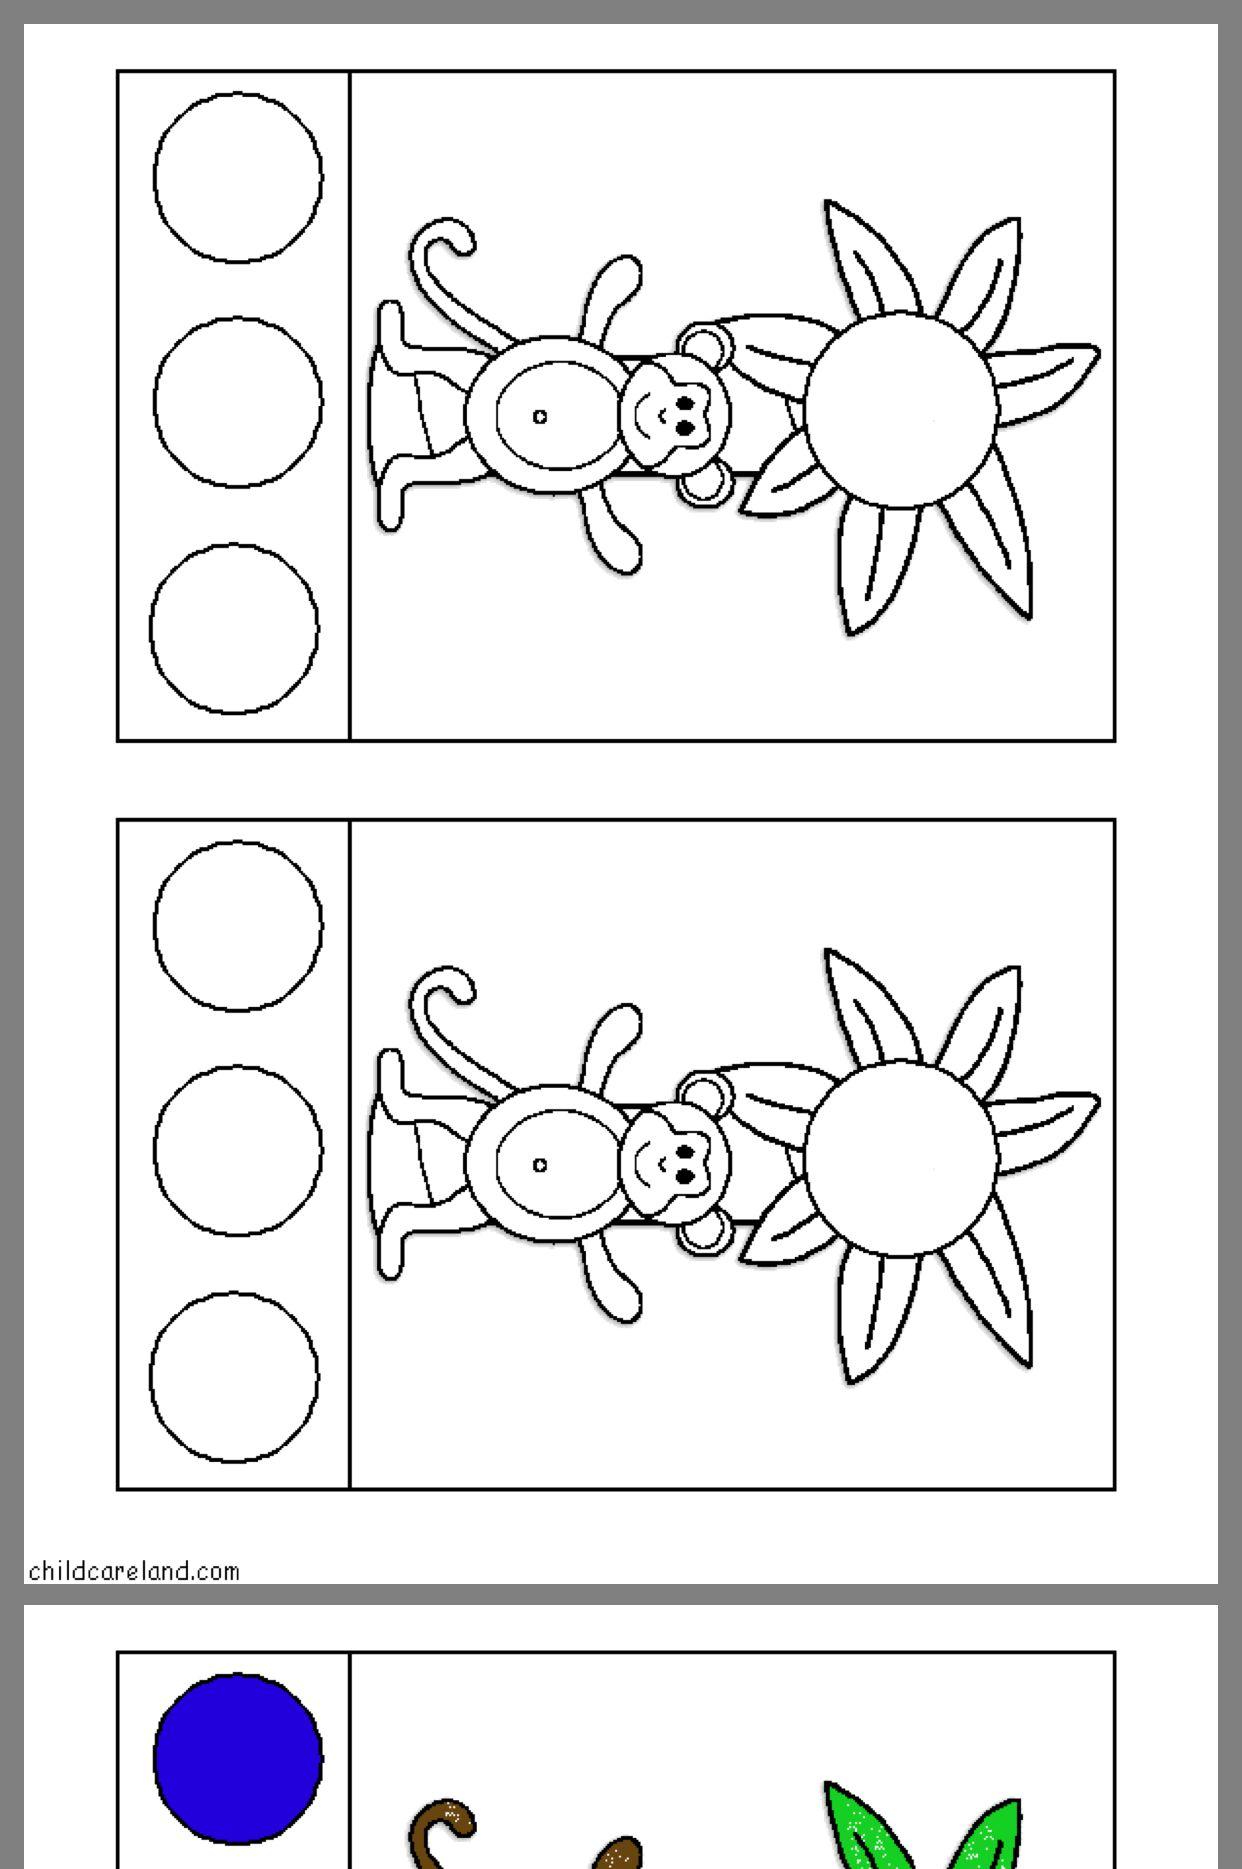 Pin By Pamela Mcgrath Vanbeveren On Preschool